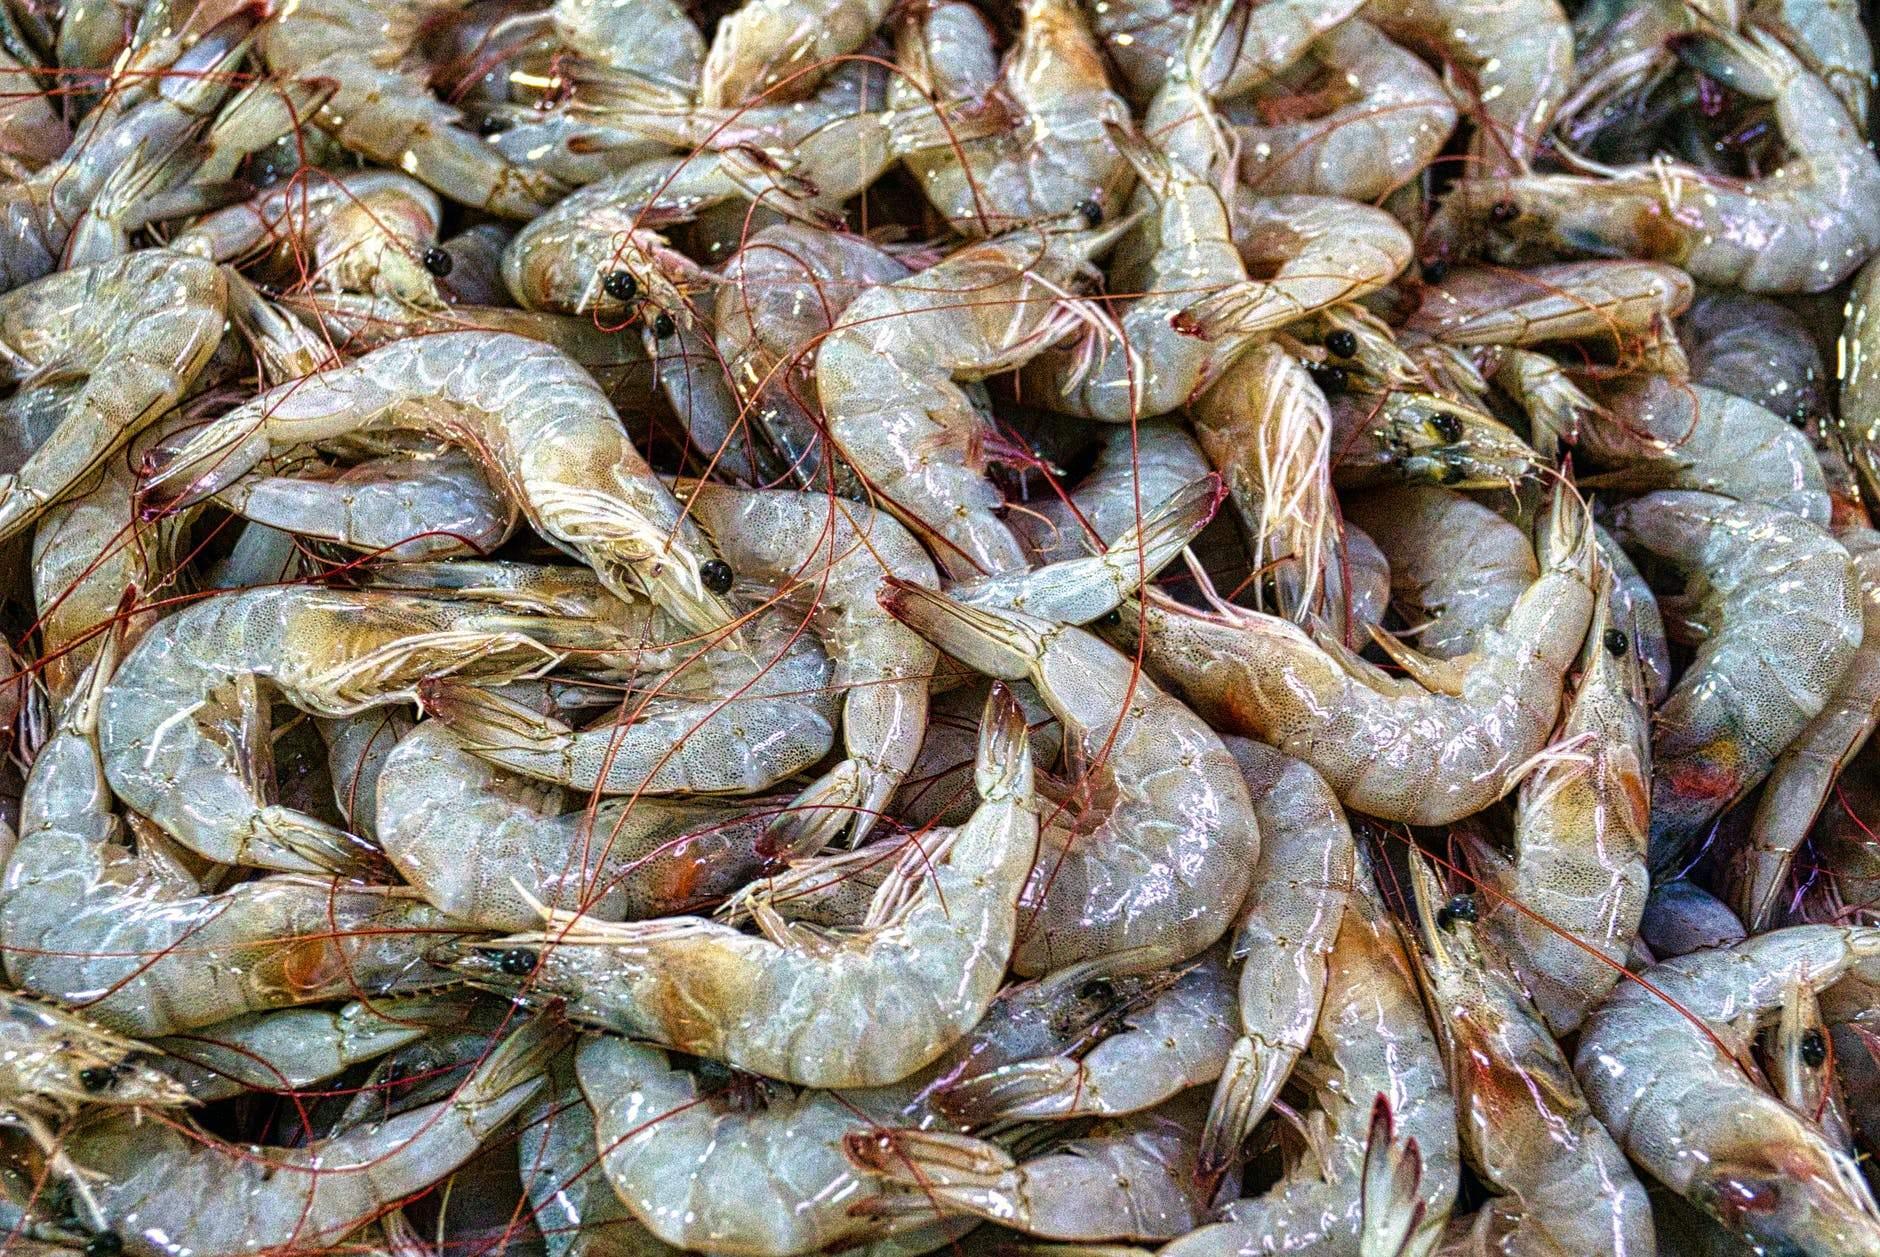 Facts About Shrimps